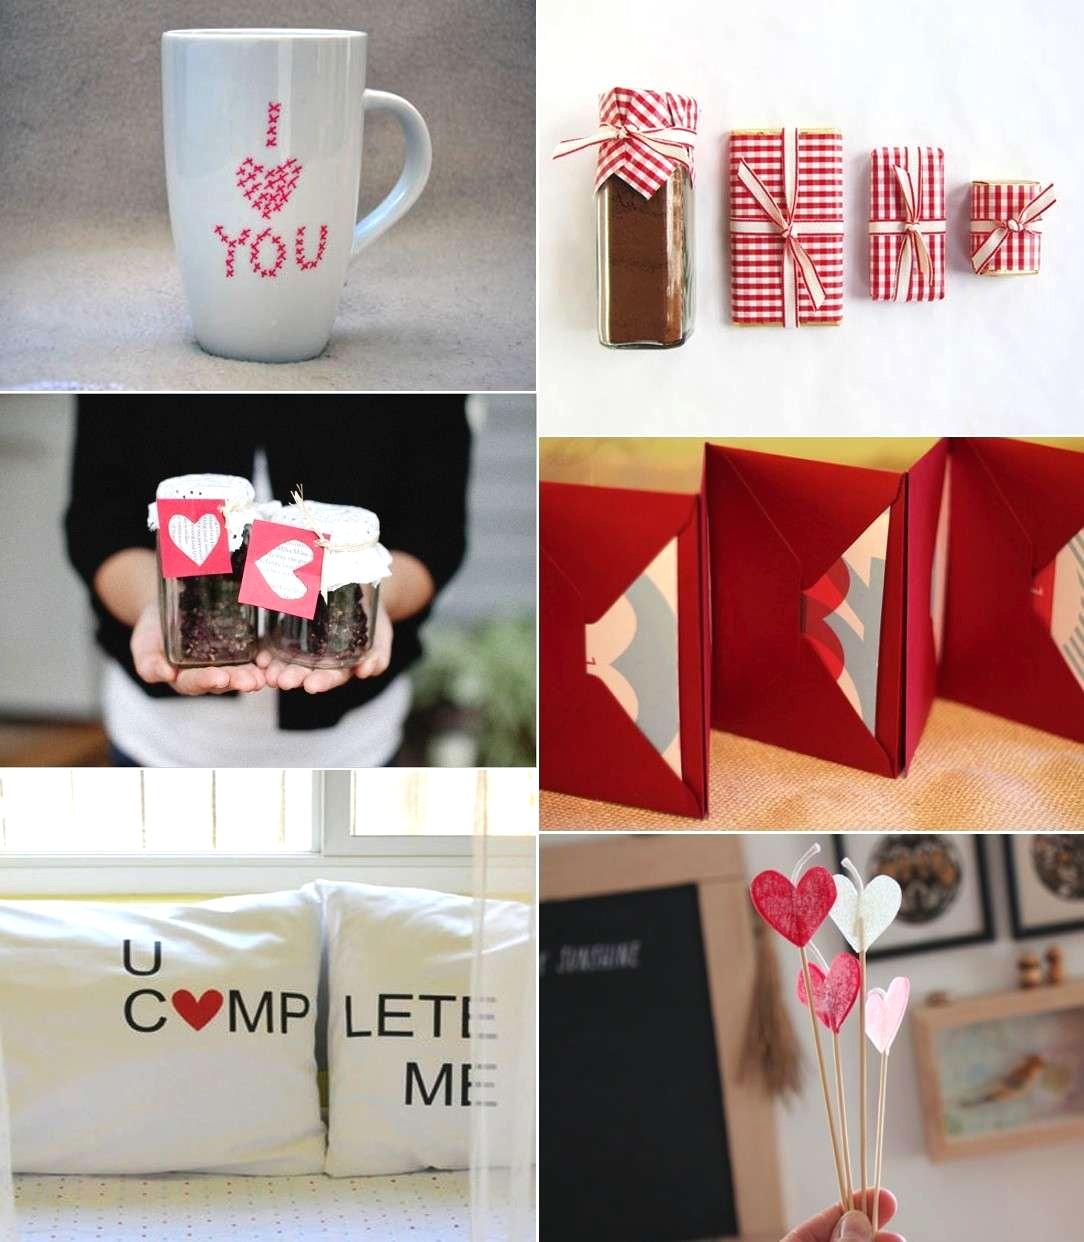 Idee San Valentino 2020 fai da te: consigli e tutorial per regali